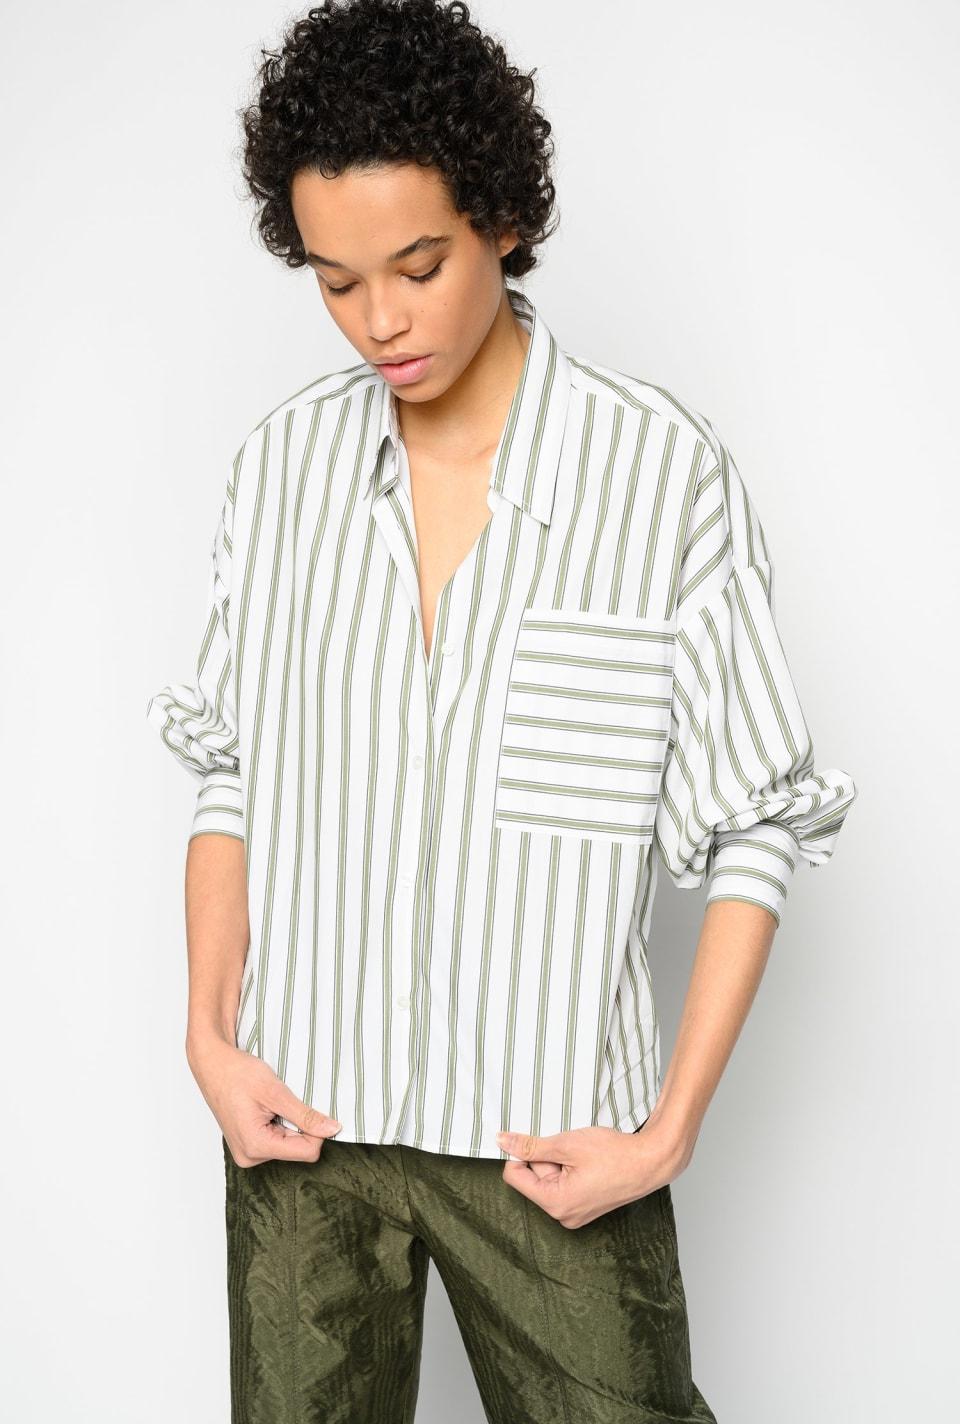 条纹图案衬衫